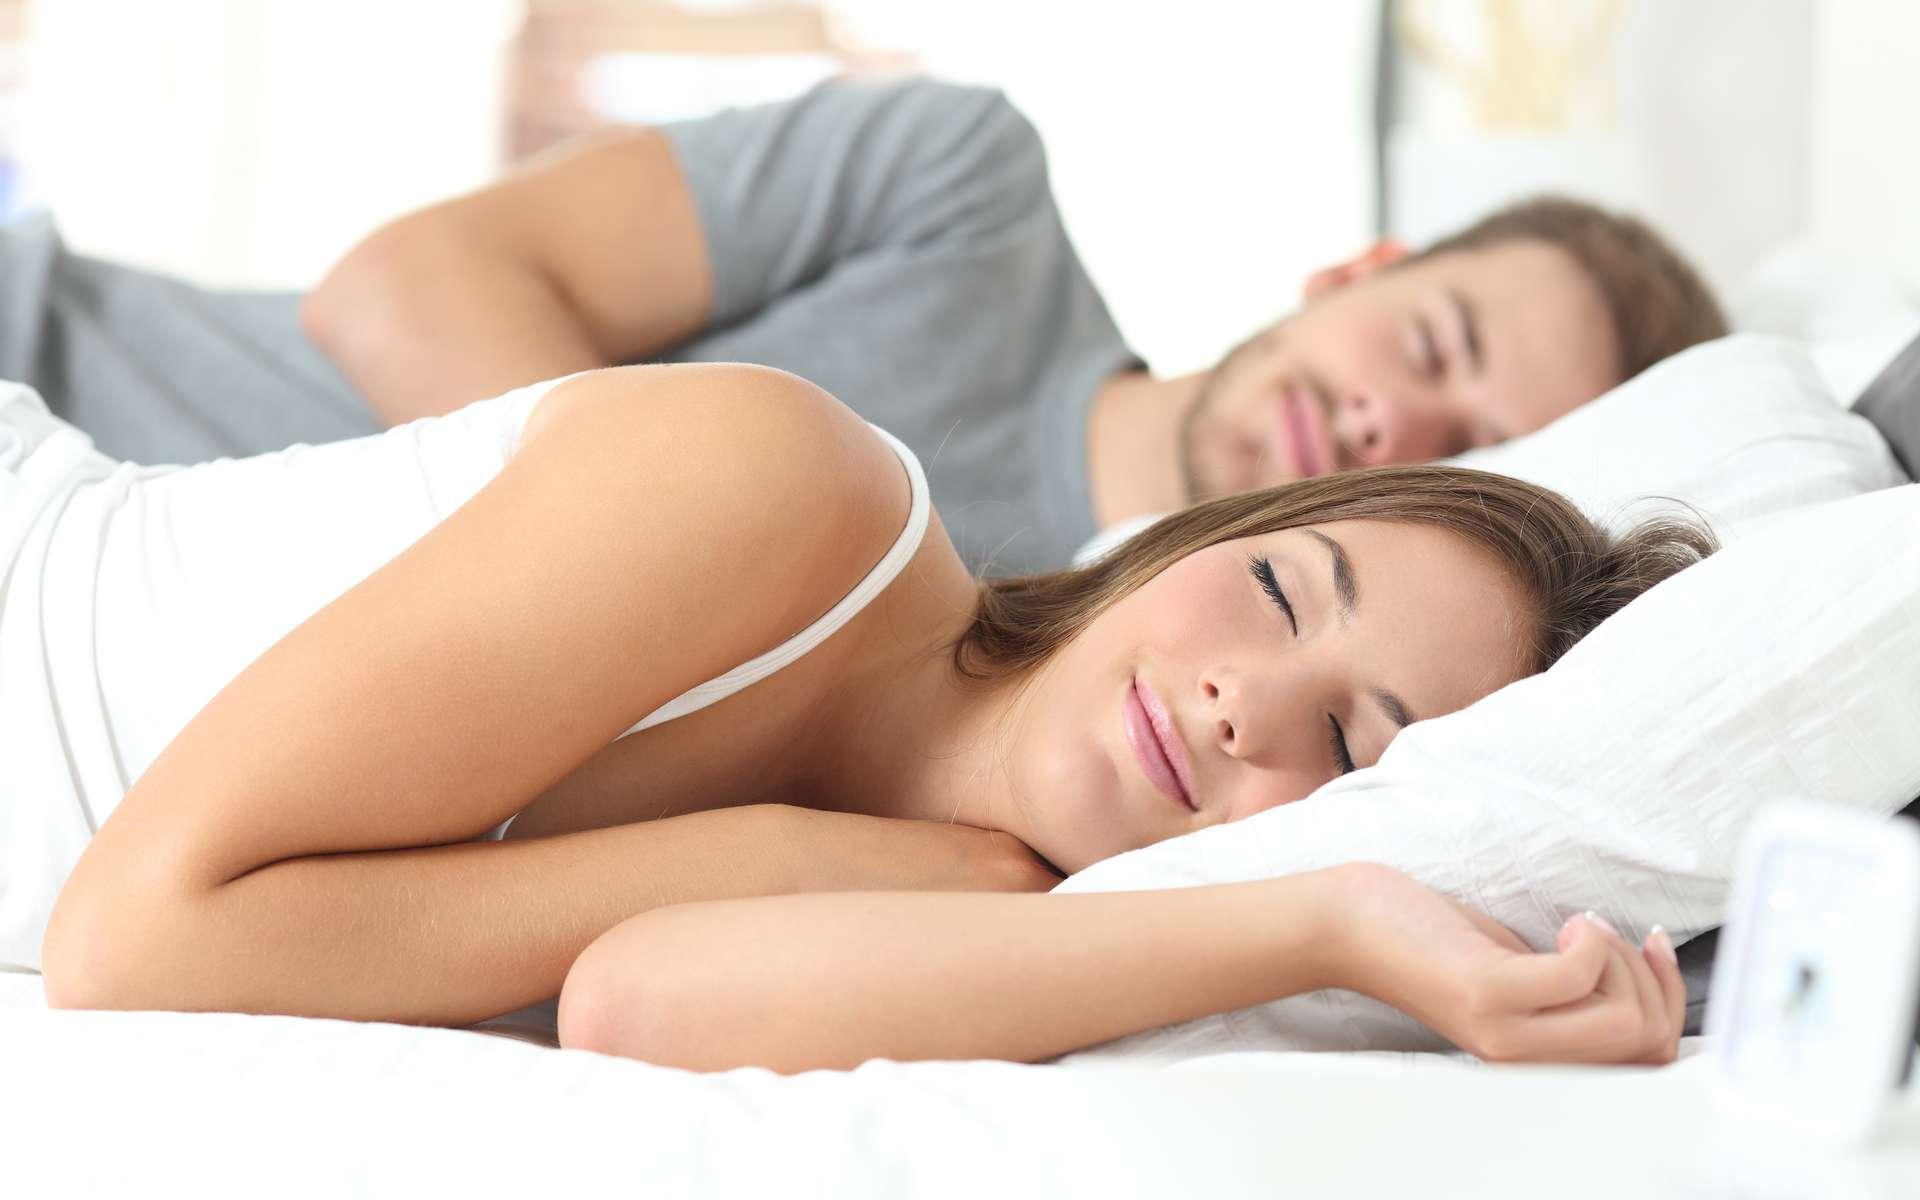 Le matelas à mémoire de forme est adapté pour tous les âges et toutes les morphologies, que l'on dorme seul ou à deux. © Antonioguillem, Adobe Stock